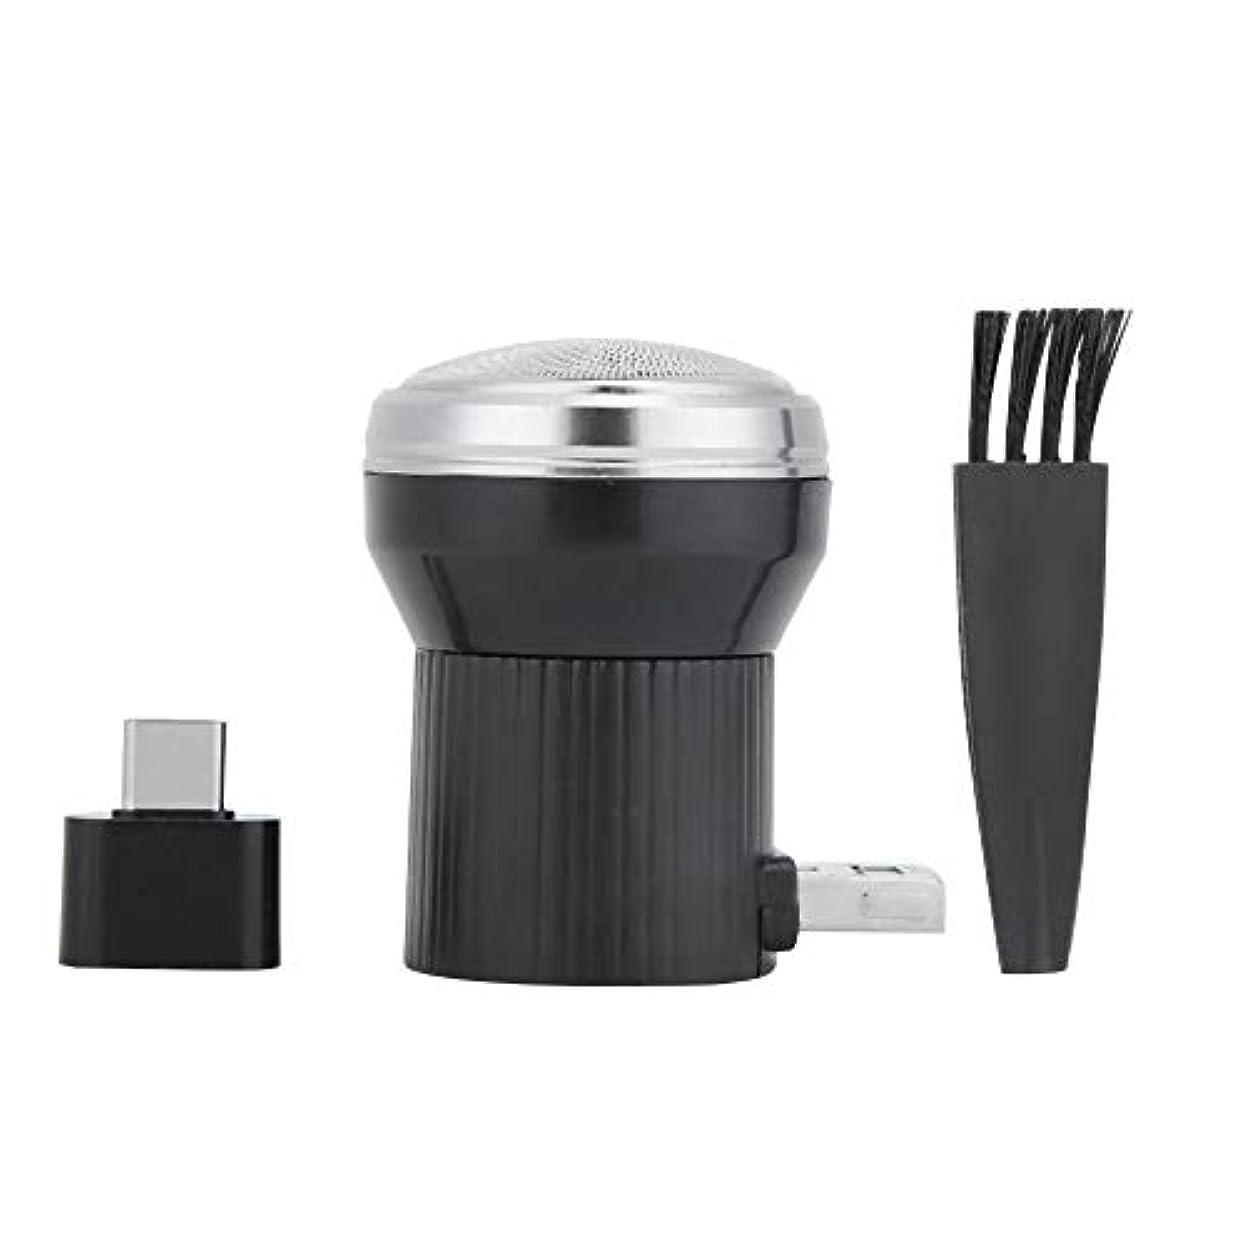 追放するレインコートチャペルDC5V 4.5W メンズシェーバー 髭剃り 回転式 USBシェーバー 携帯電話/USB充電式 持ち運び便利 電気シェーバー USBポート